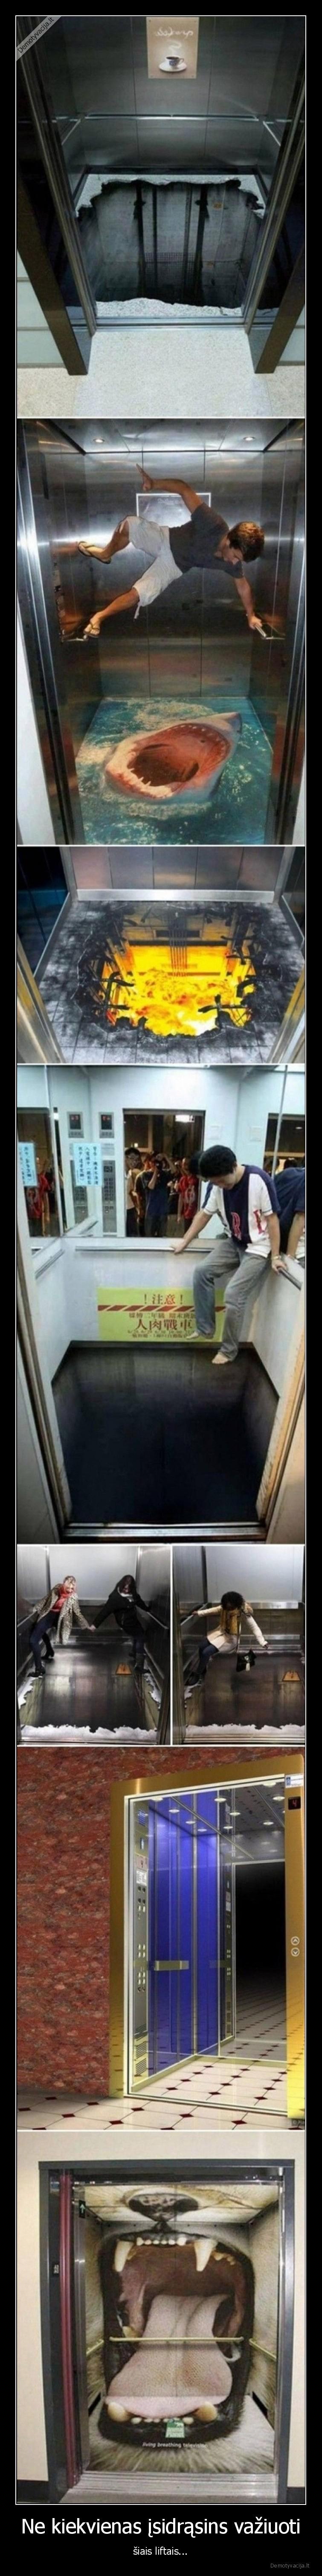 Ne kiekvienas isidrasins vaziuoti siais liftais